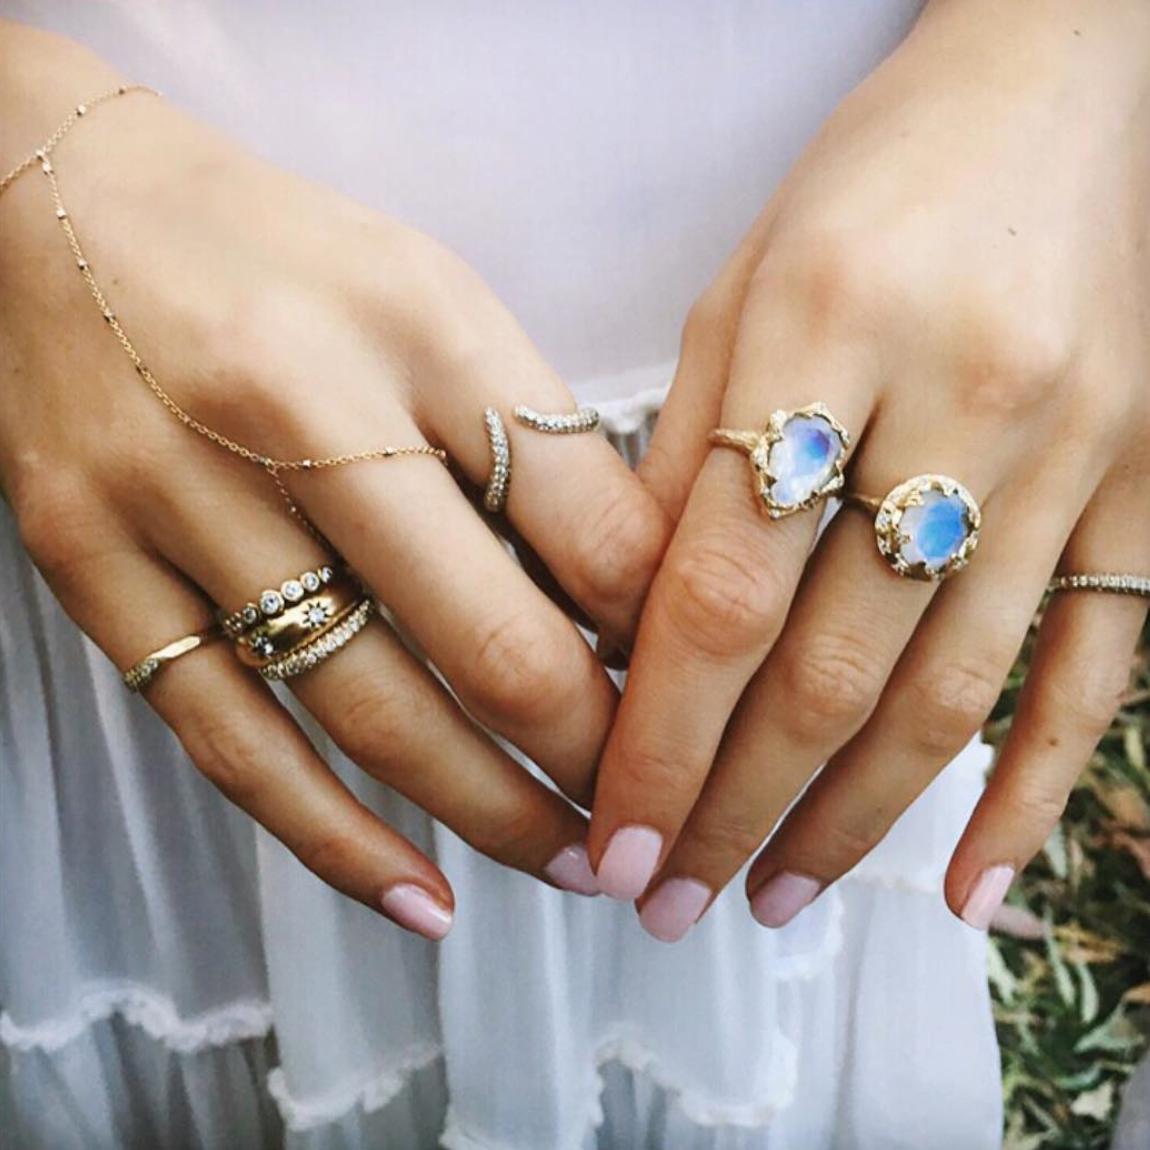 Vybrali Jsme Netradicni Zasnubni Prsteny Ktere Si Zamilujete